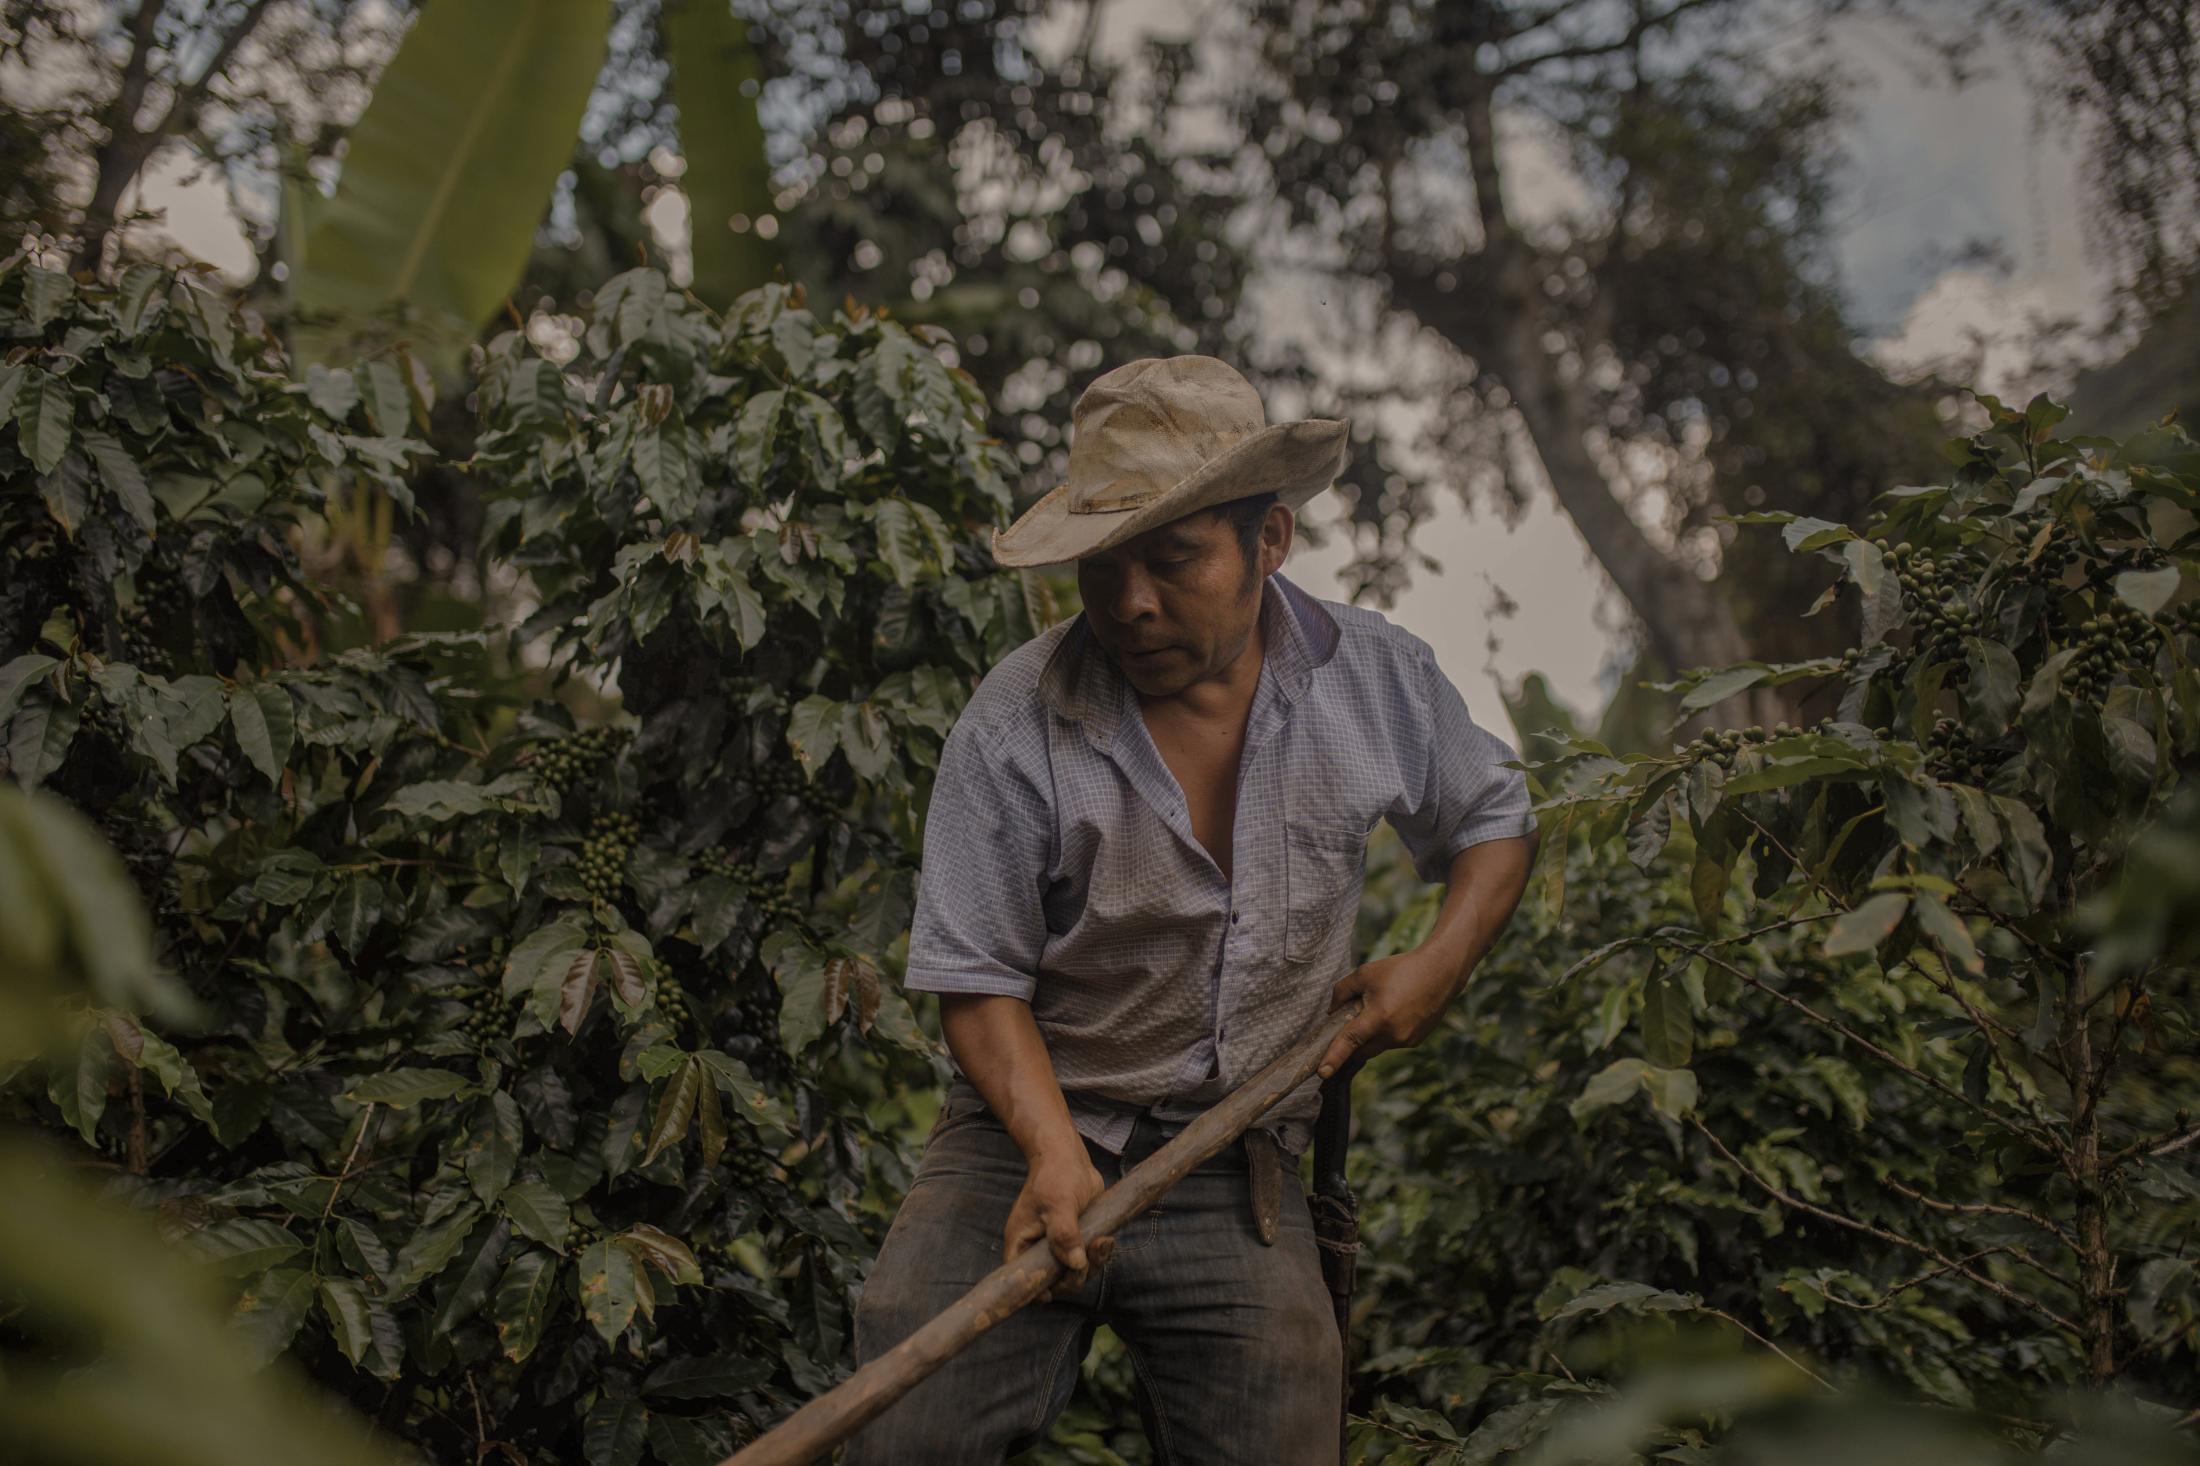 Andrés Frías Tablas, 44, trabaja en la finca familiar de café durante una jornada de descampe el 19 de Agosto de 2020, en el municipio de Ixhuatlán del Café, Veracruz.